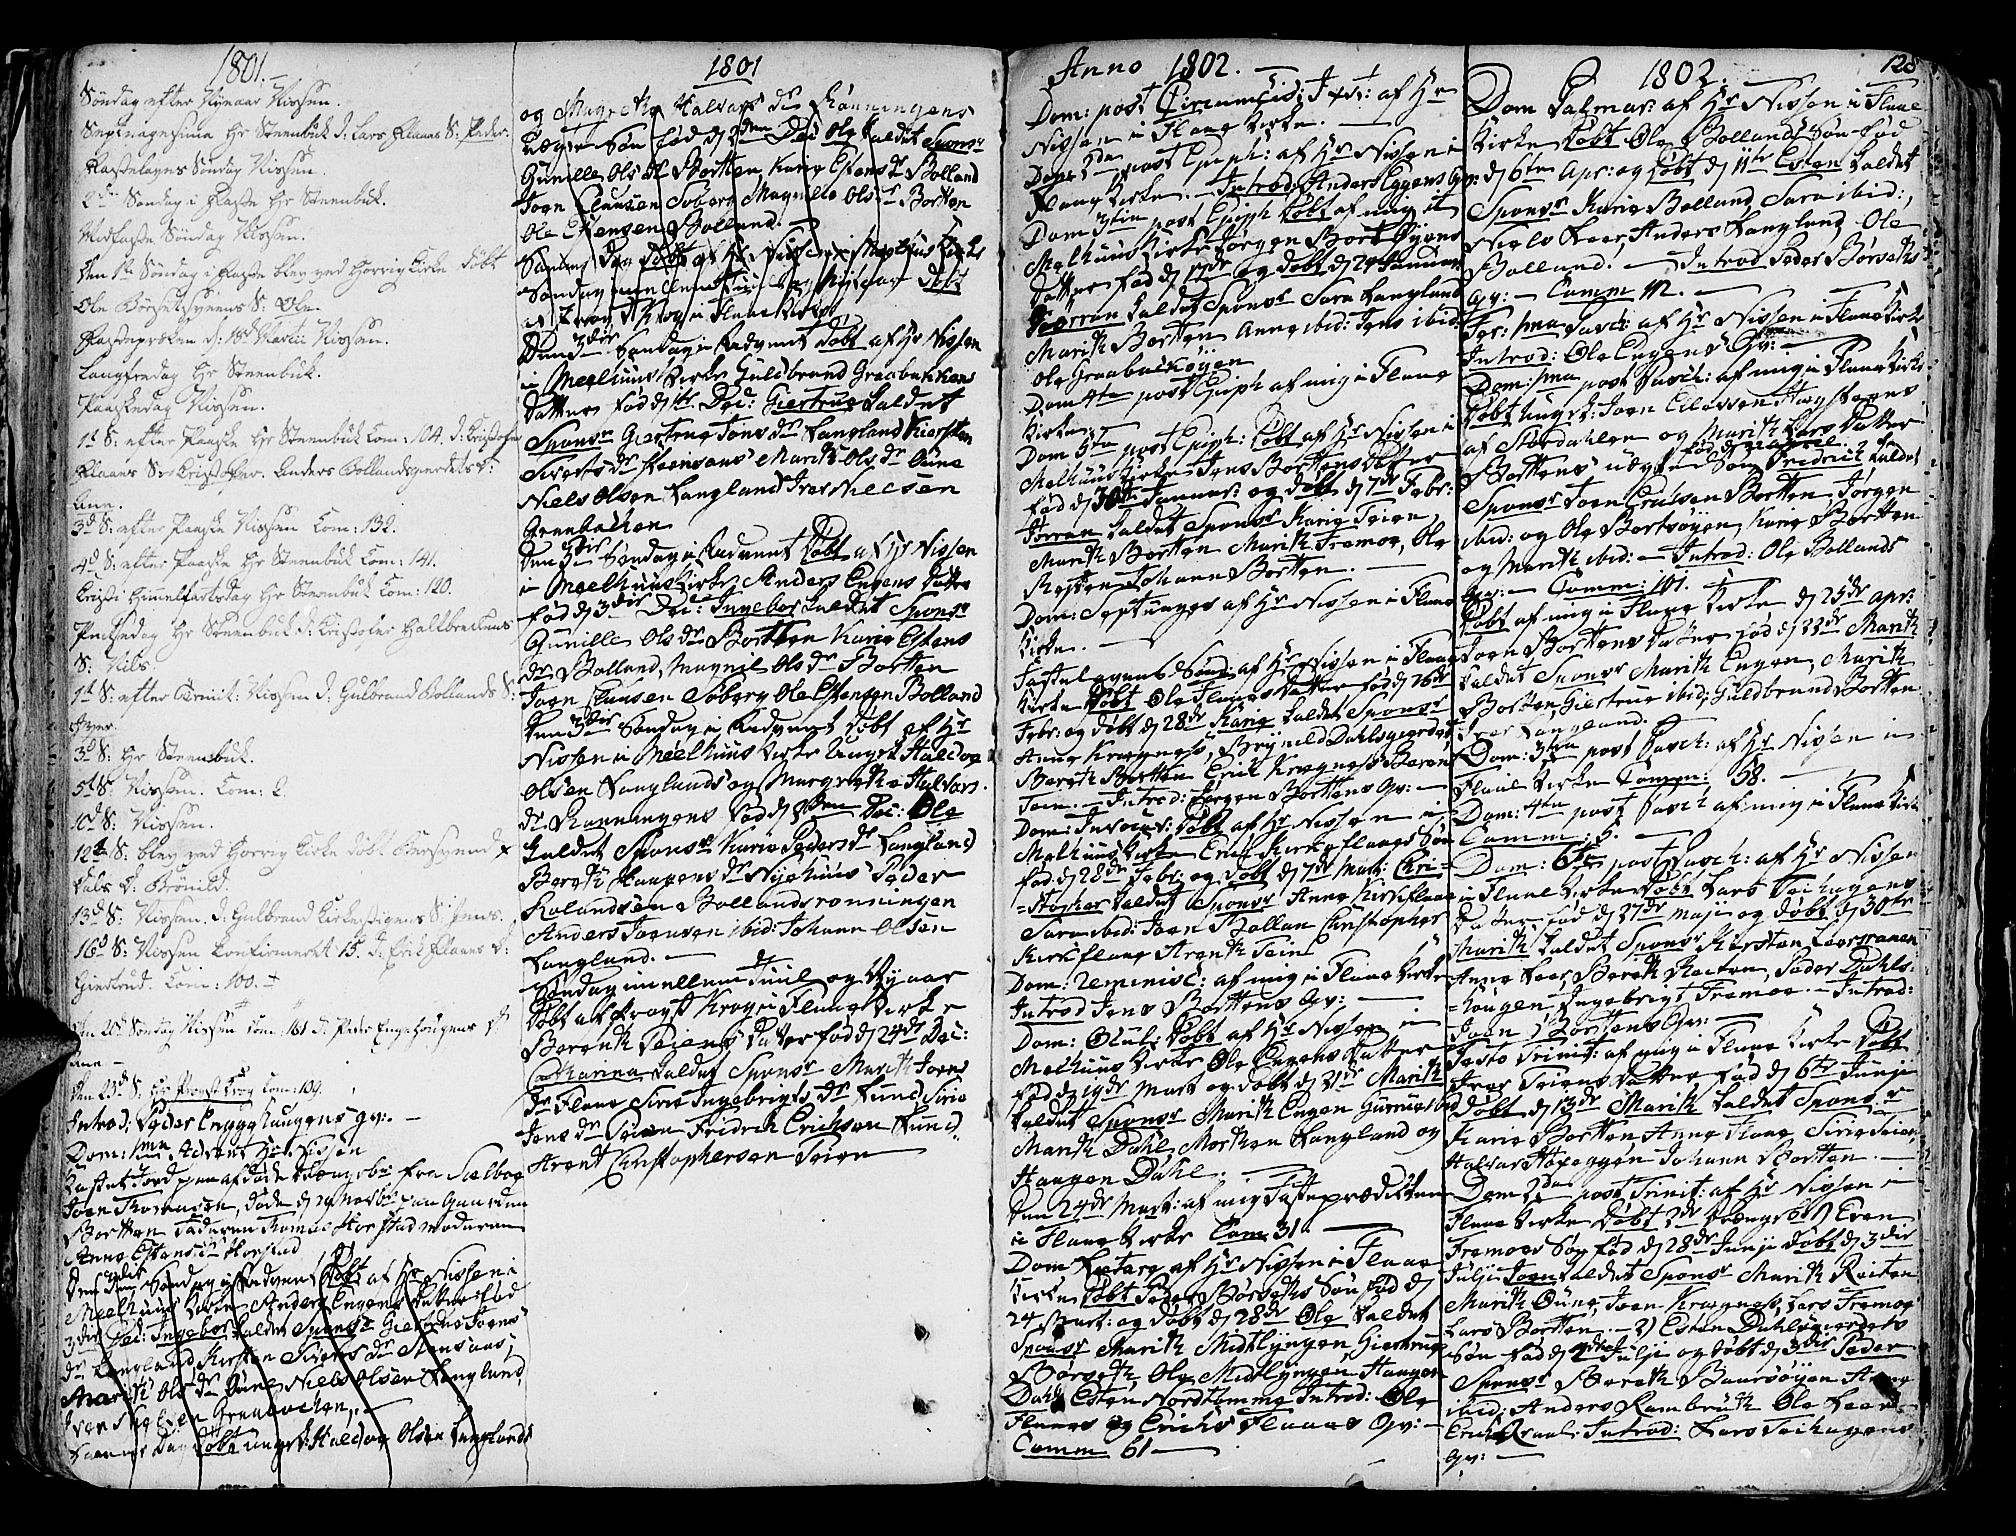 SAT, Ministerialprotokoller, klokkerbøker og fødselsregistre - Sør-Trøndelag, 691/L1062: Ministerialbok nr. 691A02 /2, 1768-1815, s. 128